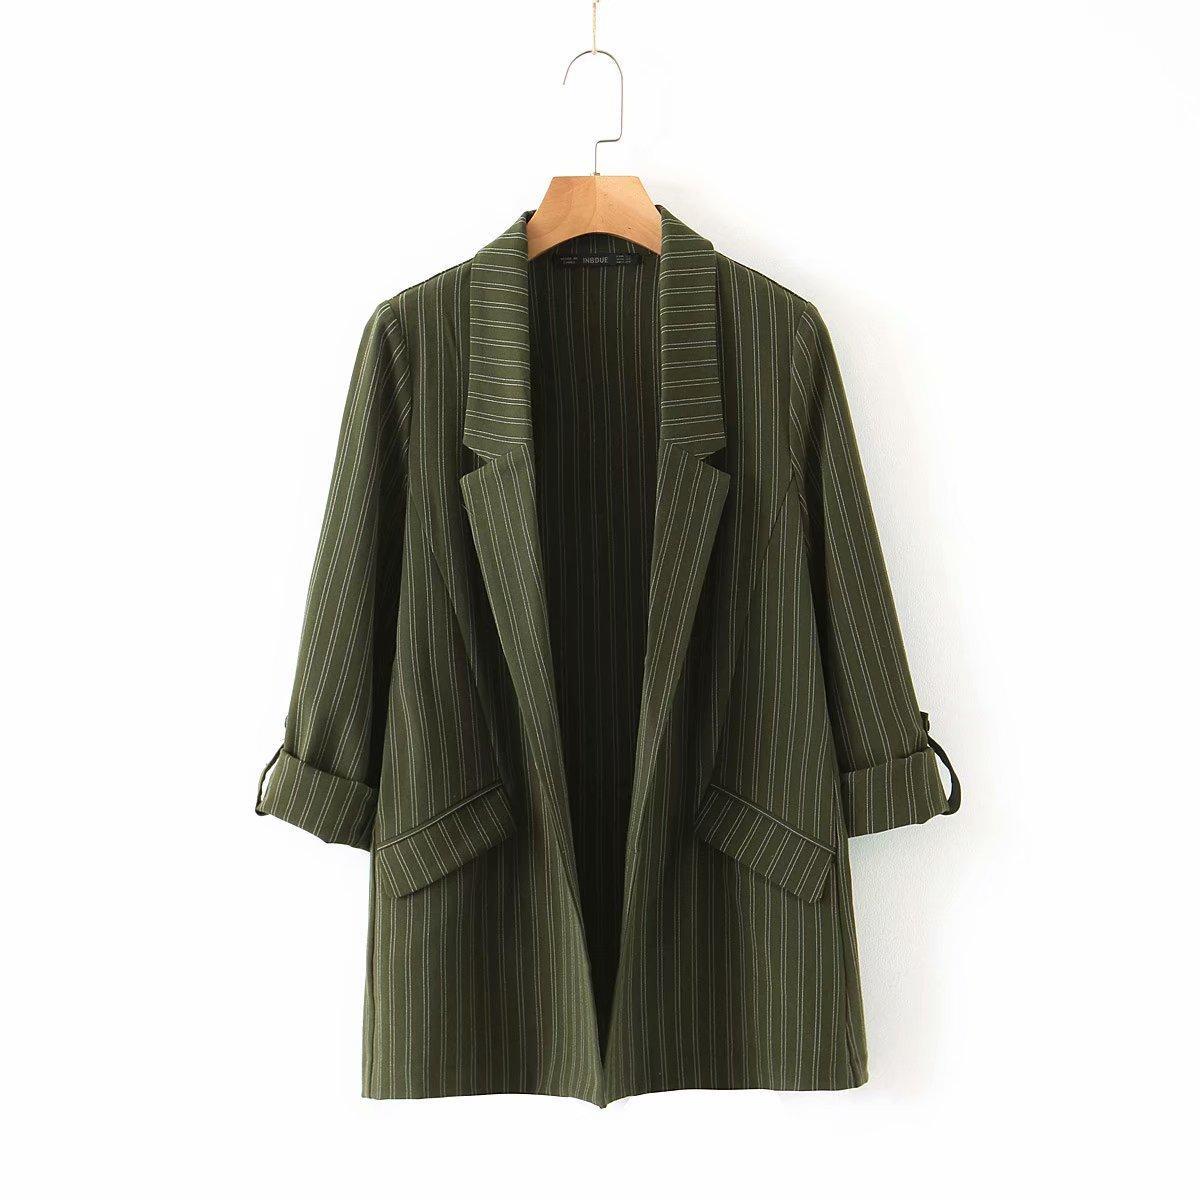 Kadın ilkbahar sonbahar moda dikey çizgili yaka kol kadın takım elbise ceket Top 0pye